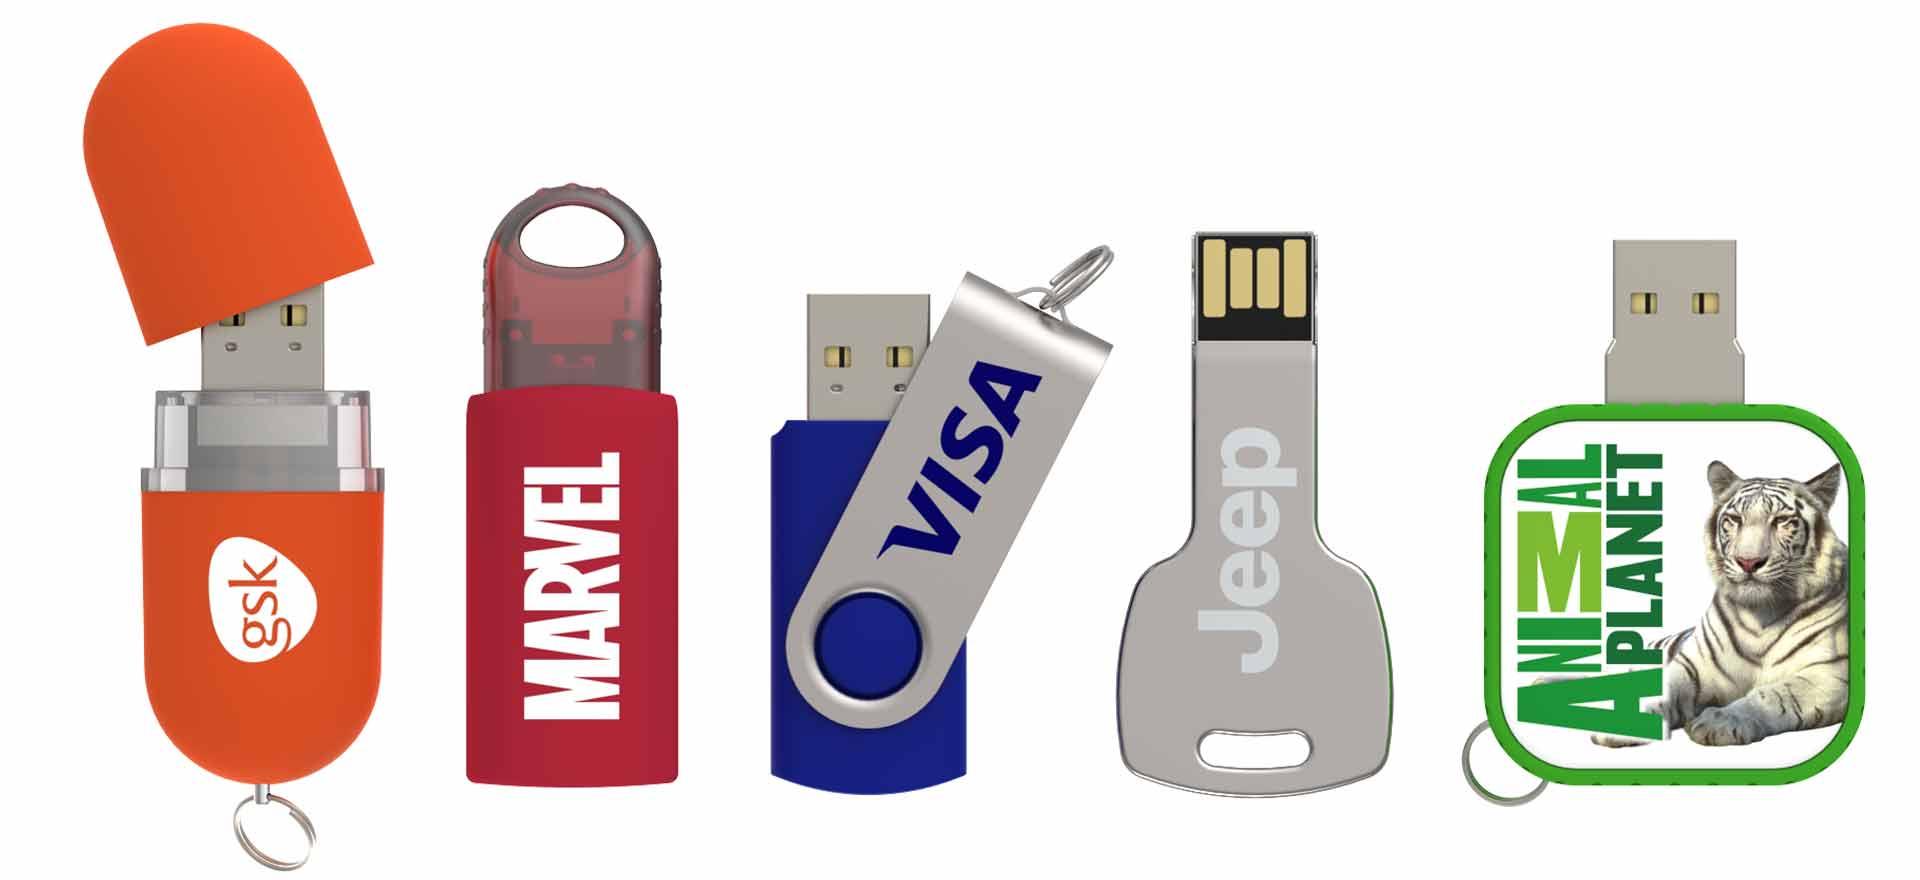 USB levererade inom 5 arbetsdagar!